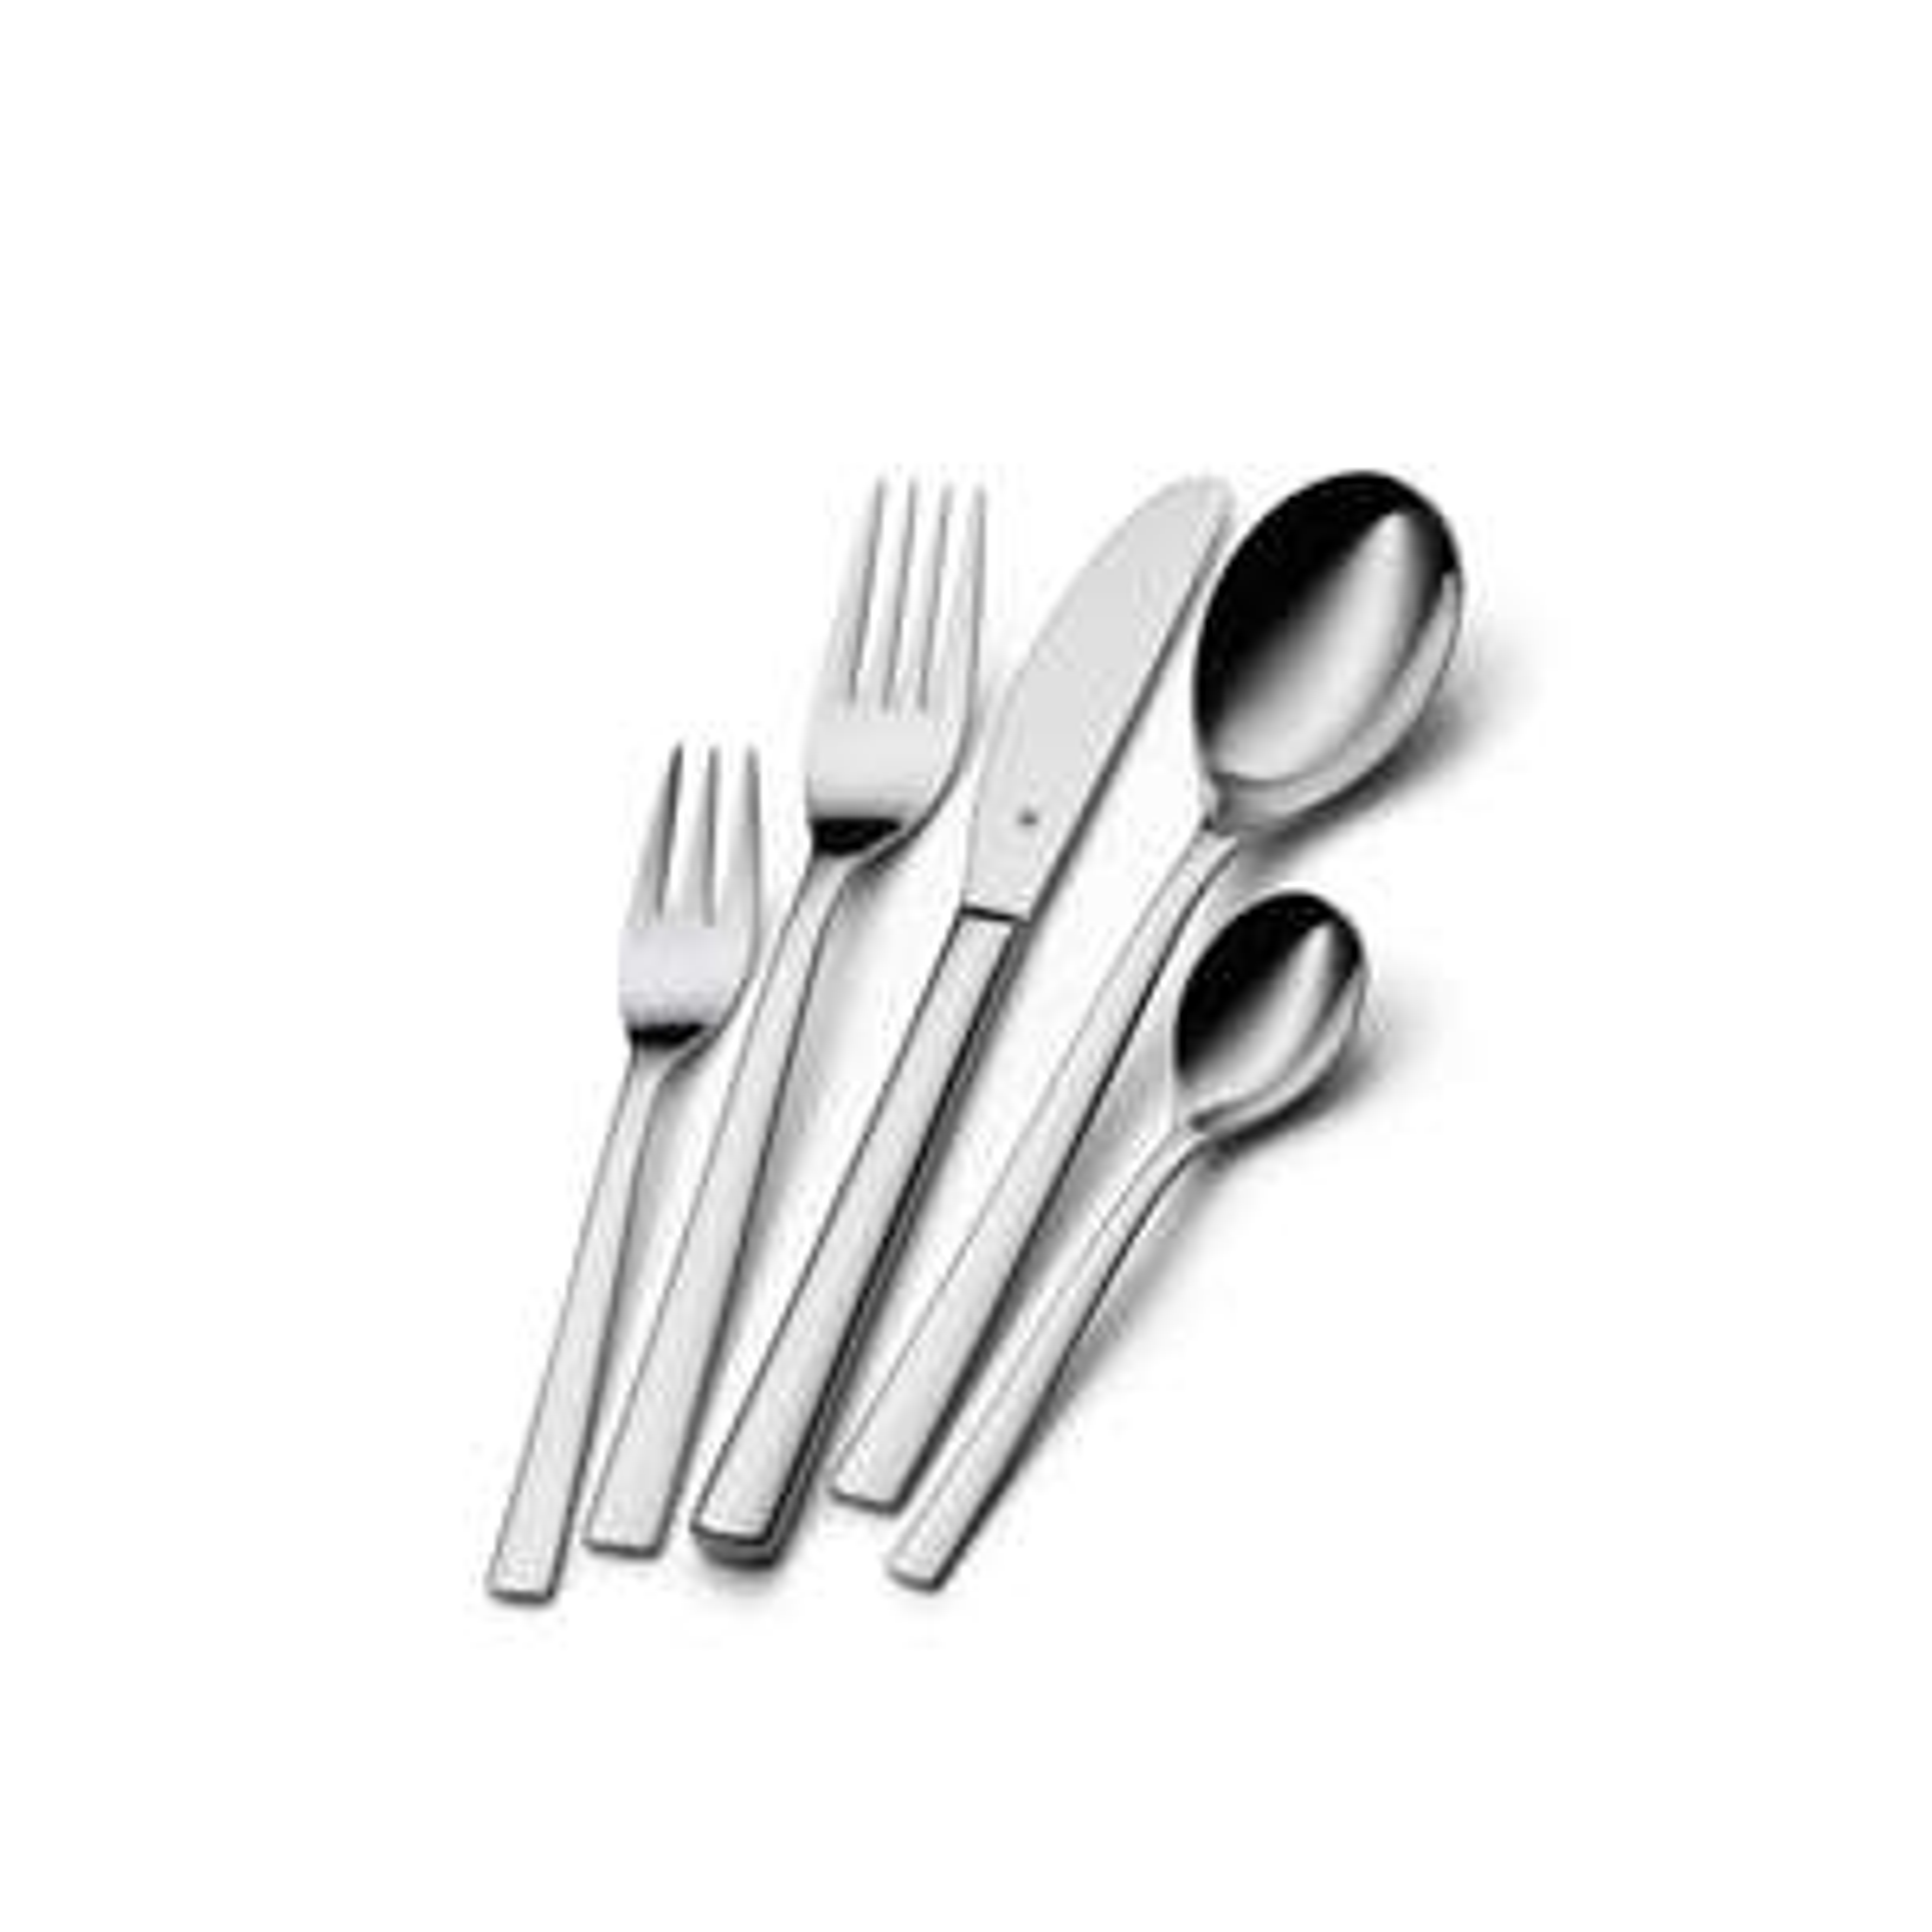 [WMF Shop] WMF Palermo Besteck-Set, 60-teilig, 12 Personen